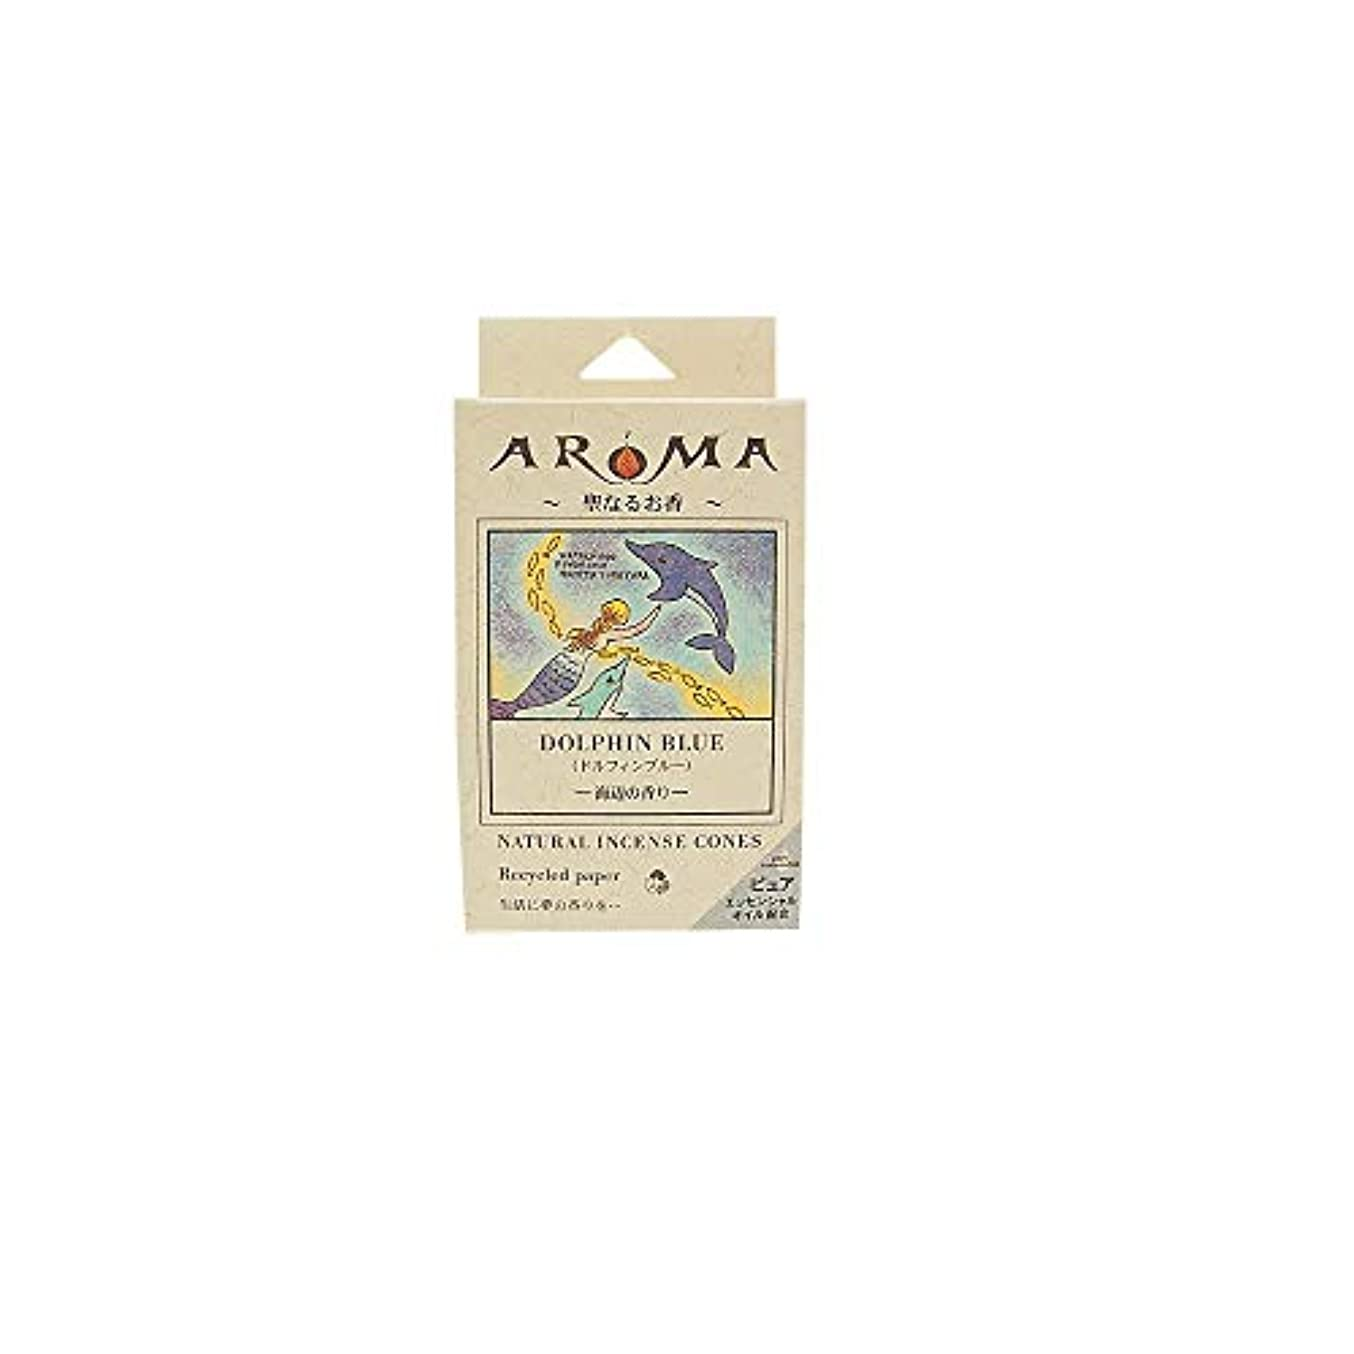 アロマ香 ドルフィンブルー 16粒(コーンタイプインセンス 1粒の燃焼時間約20分 海辺の香り)